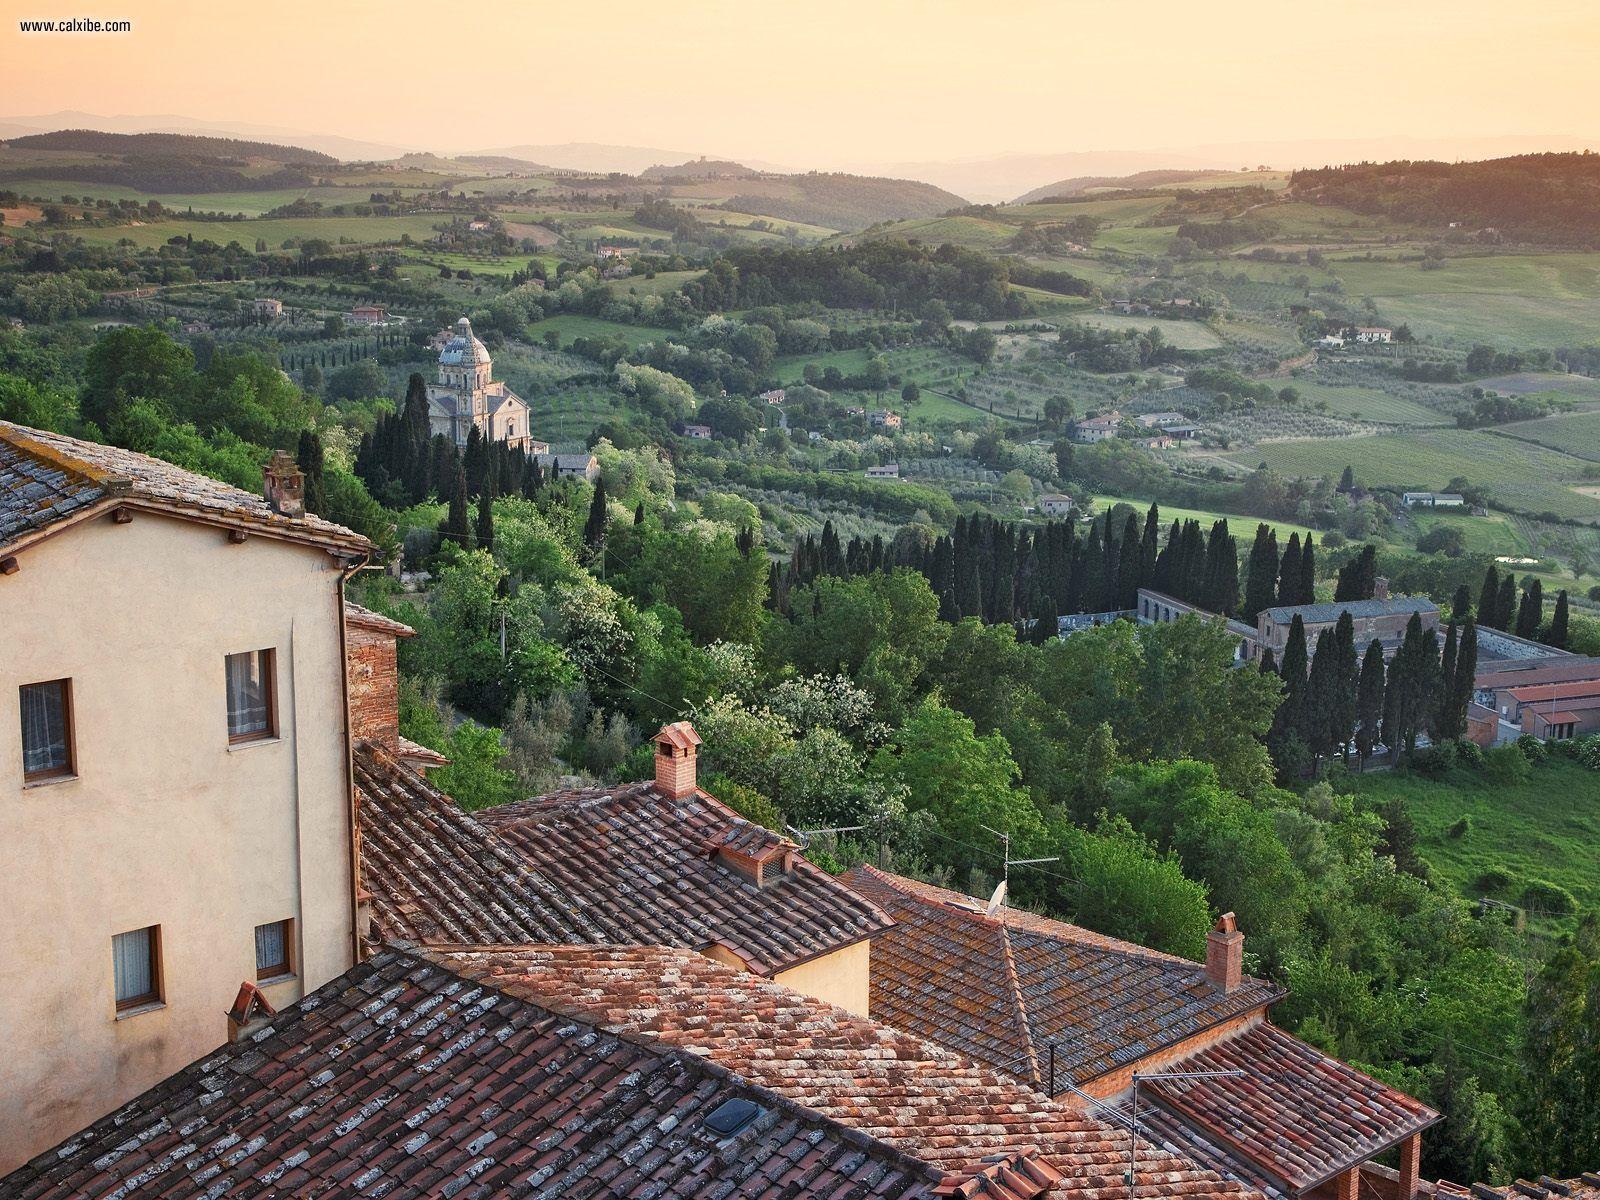 Casa in Abruzzo rimuovere